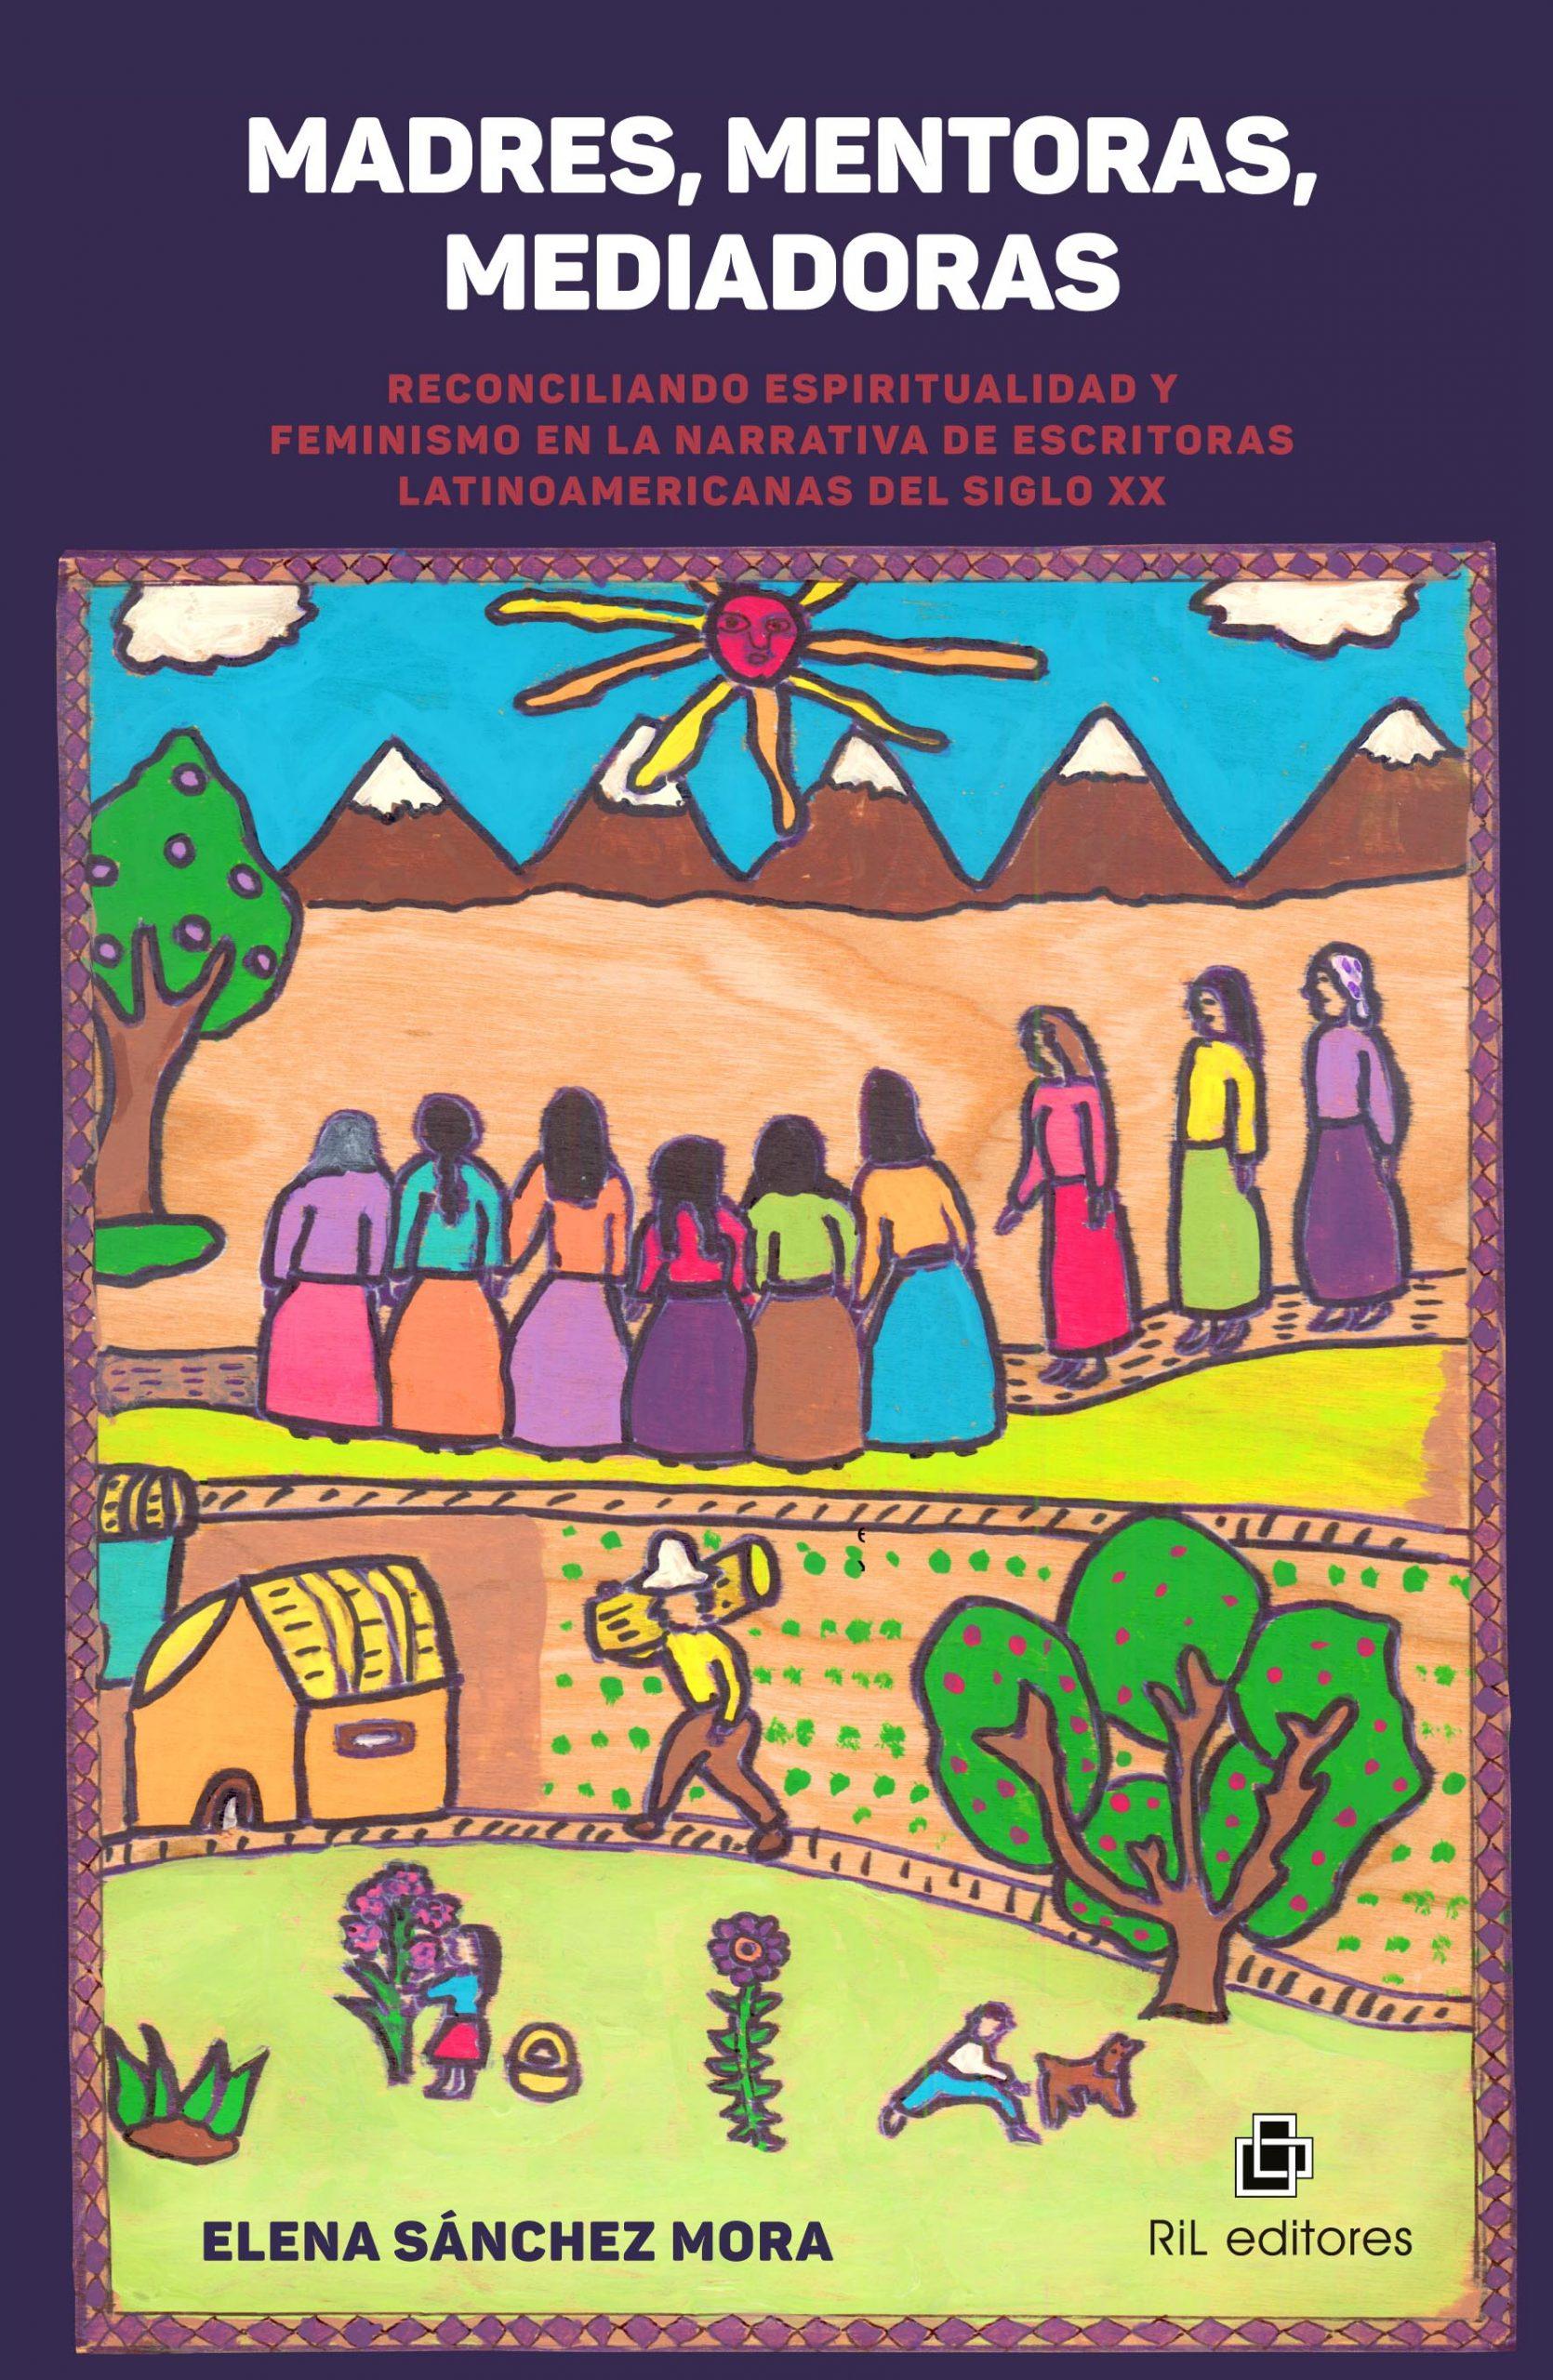 Madres, mentoras, mediadoras. Reconciliando espiritualidad y feminismo en la narrativa de escritoras latinoamericanas del Siglo XX 1